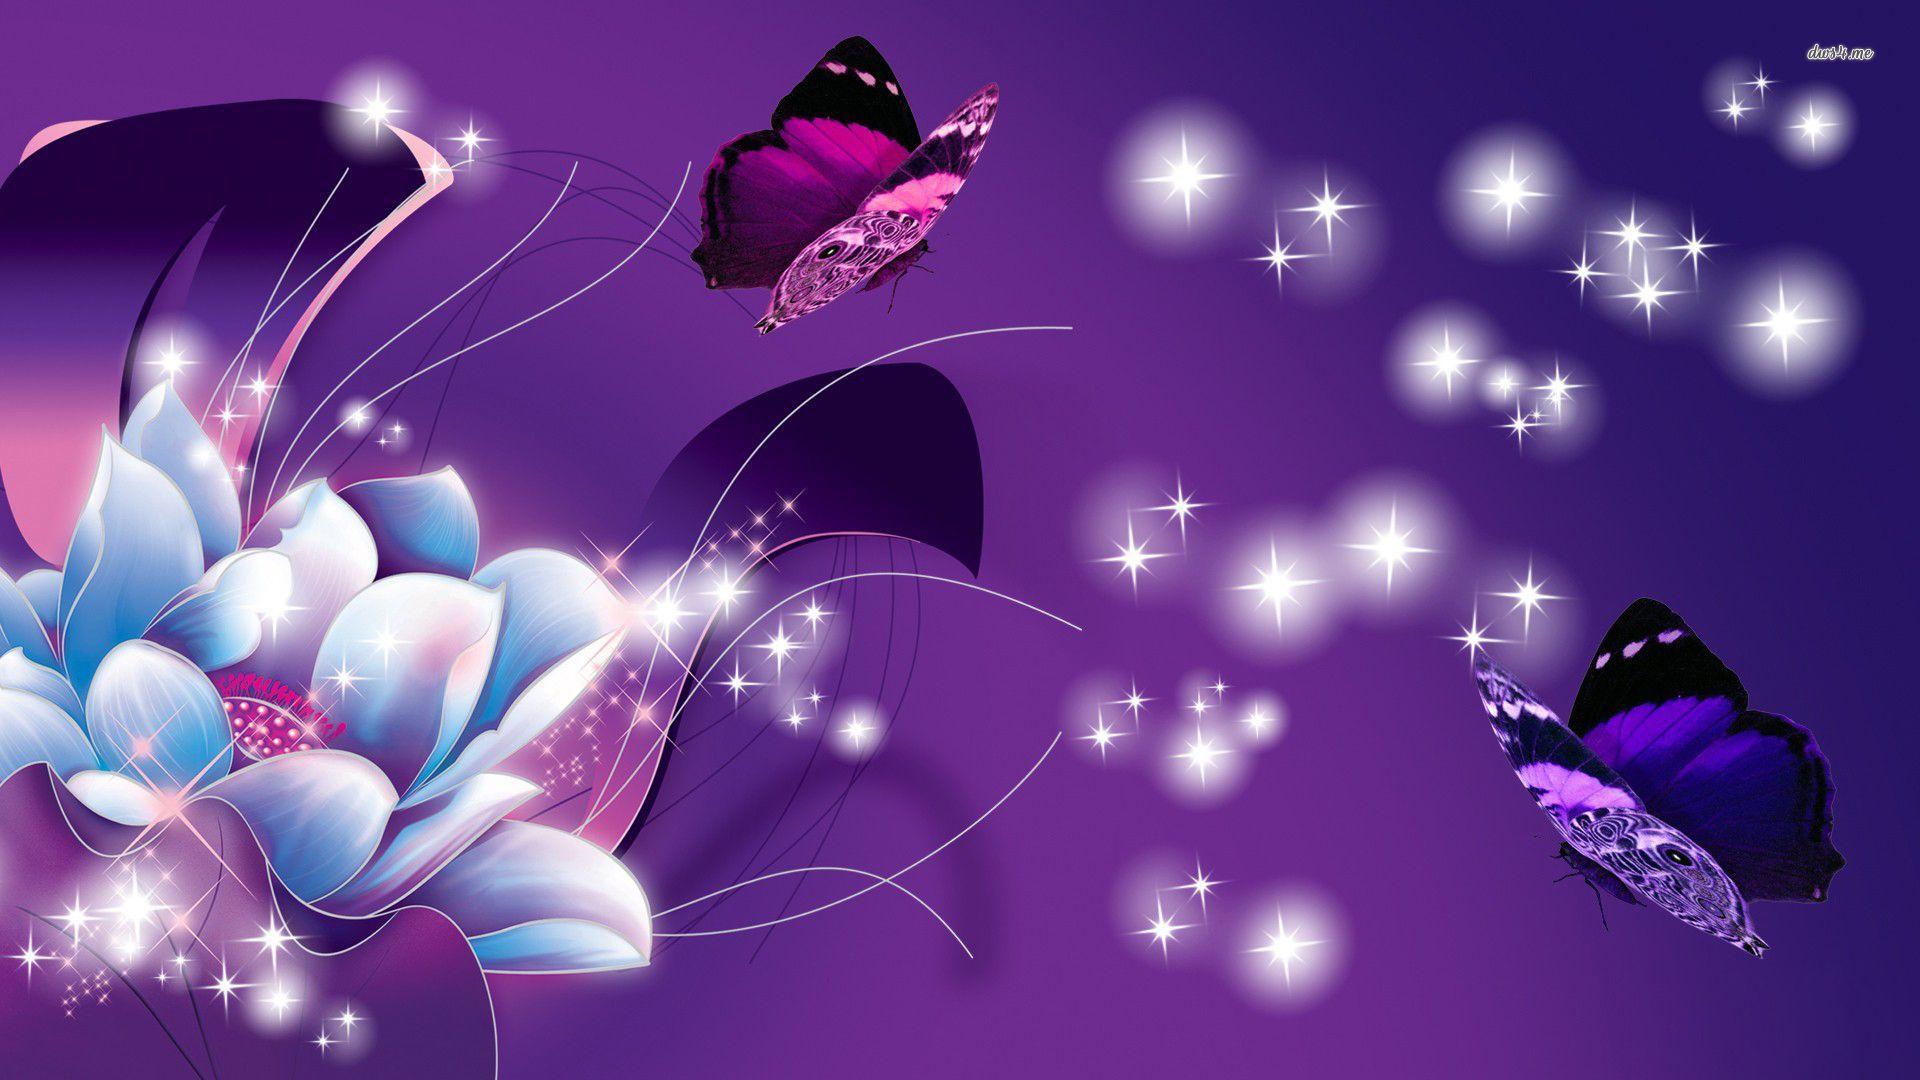 Purple Butterfly Wallpapers - Top Free Purple Butterfly ...